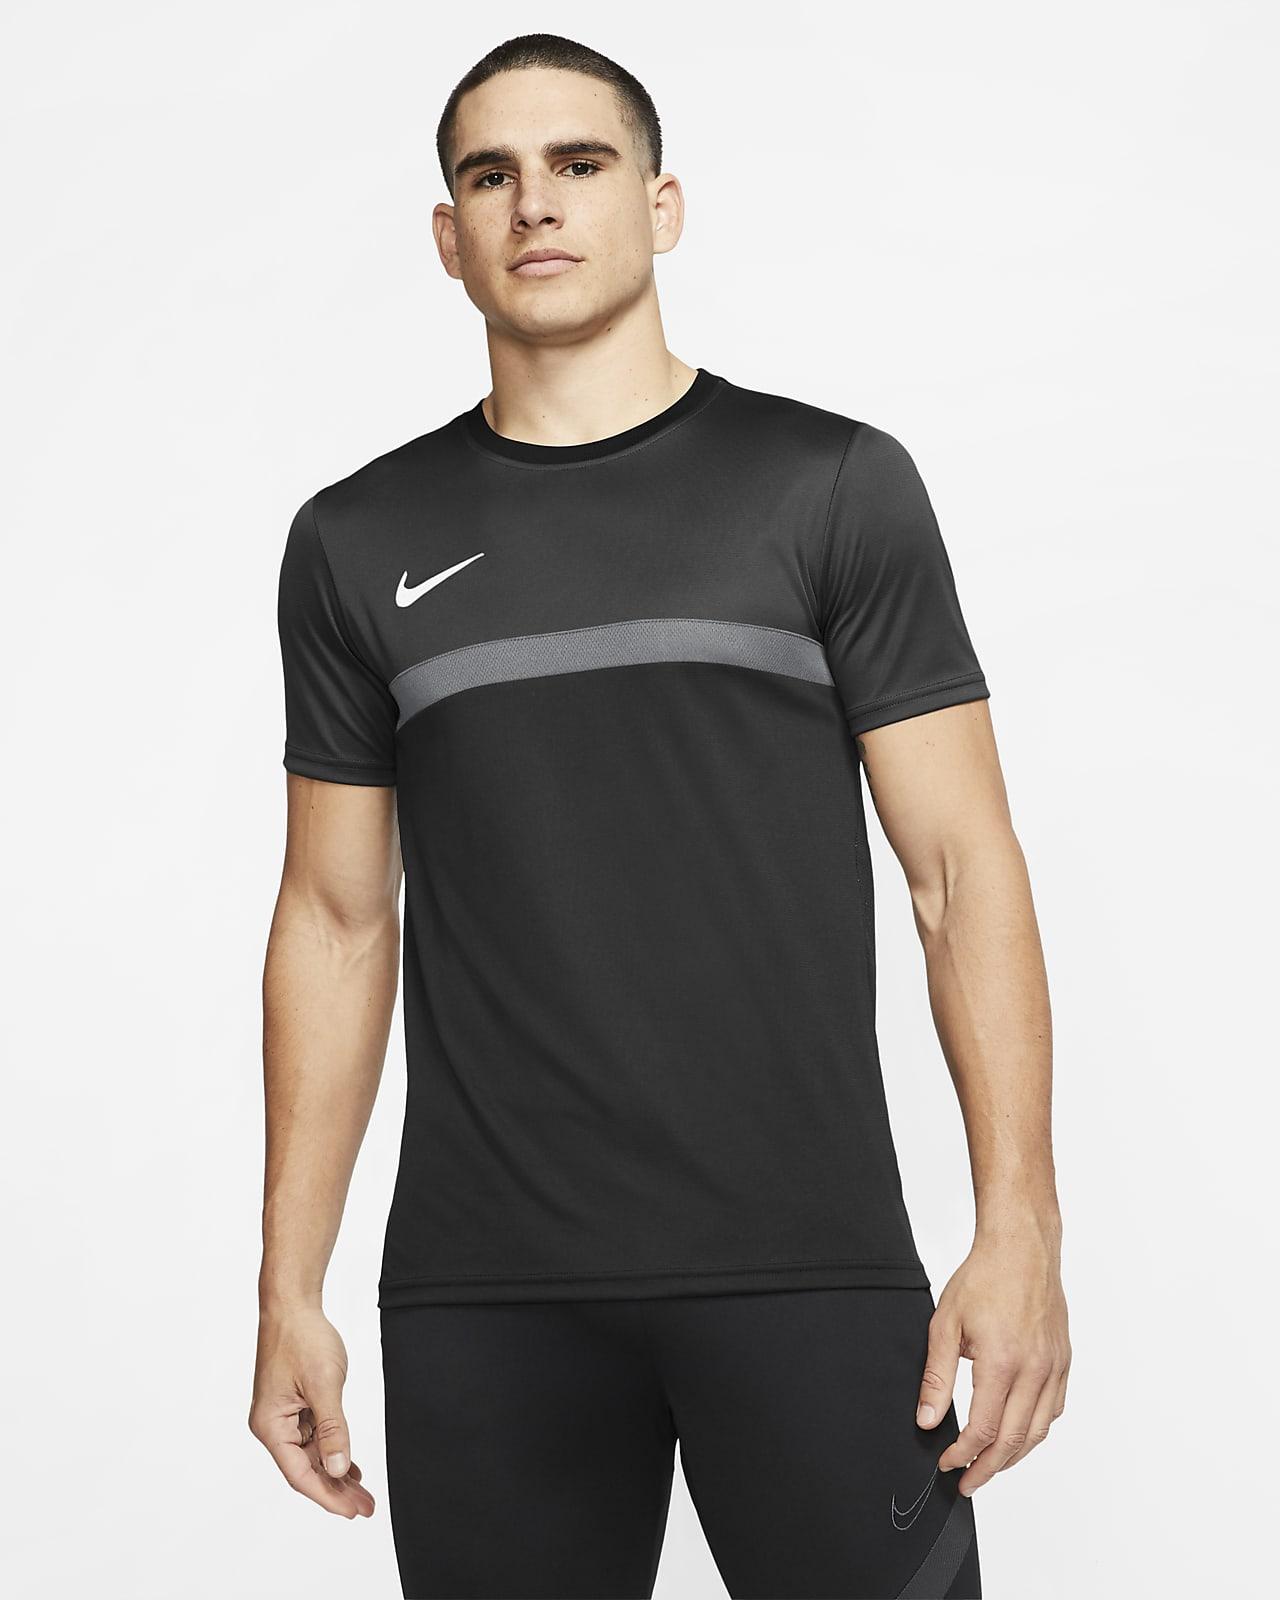 Мужская игровая футболка с коротким рукавом Nike Dri-FIT Academy Pro